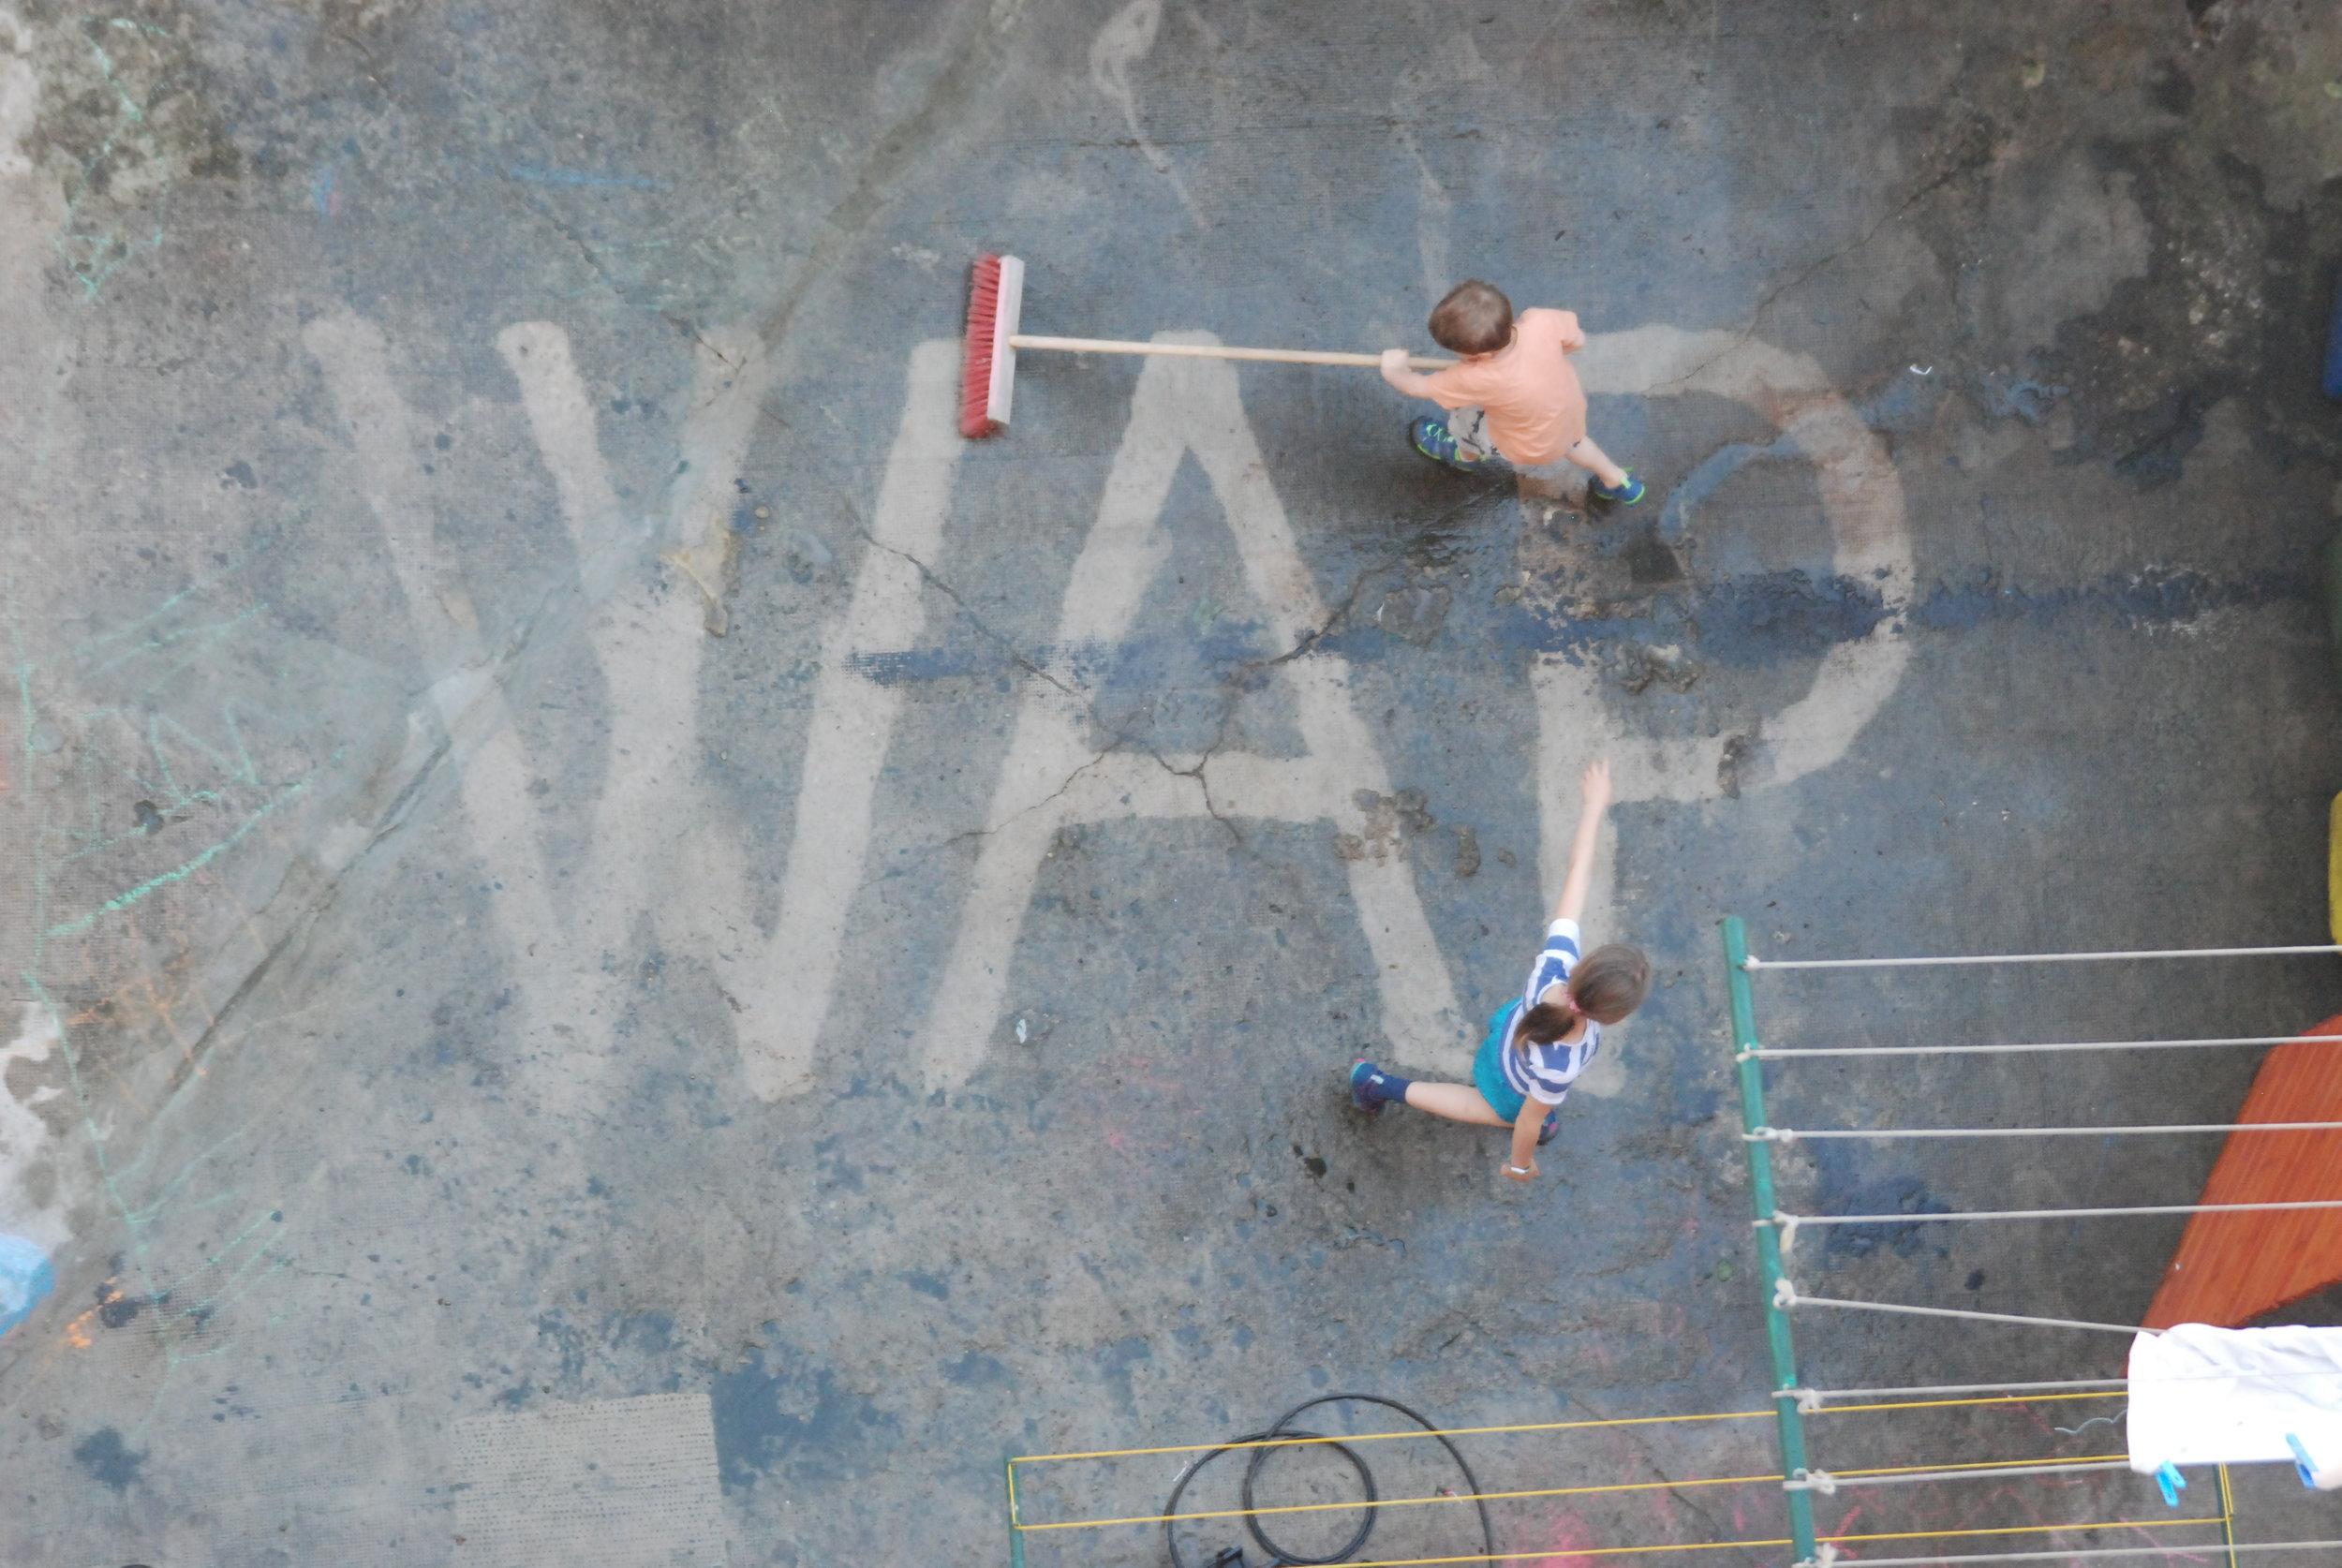 WAP - hloubkové čištění dvora - Dvory a vnitrobloky jsou tvořeny spletitou skladbou různých povrchů. Hloubkové čištění tlakovou vodou (WAP) je účinná metoda odstranění dlouhodobých nánosů. Mějte doma čisto!